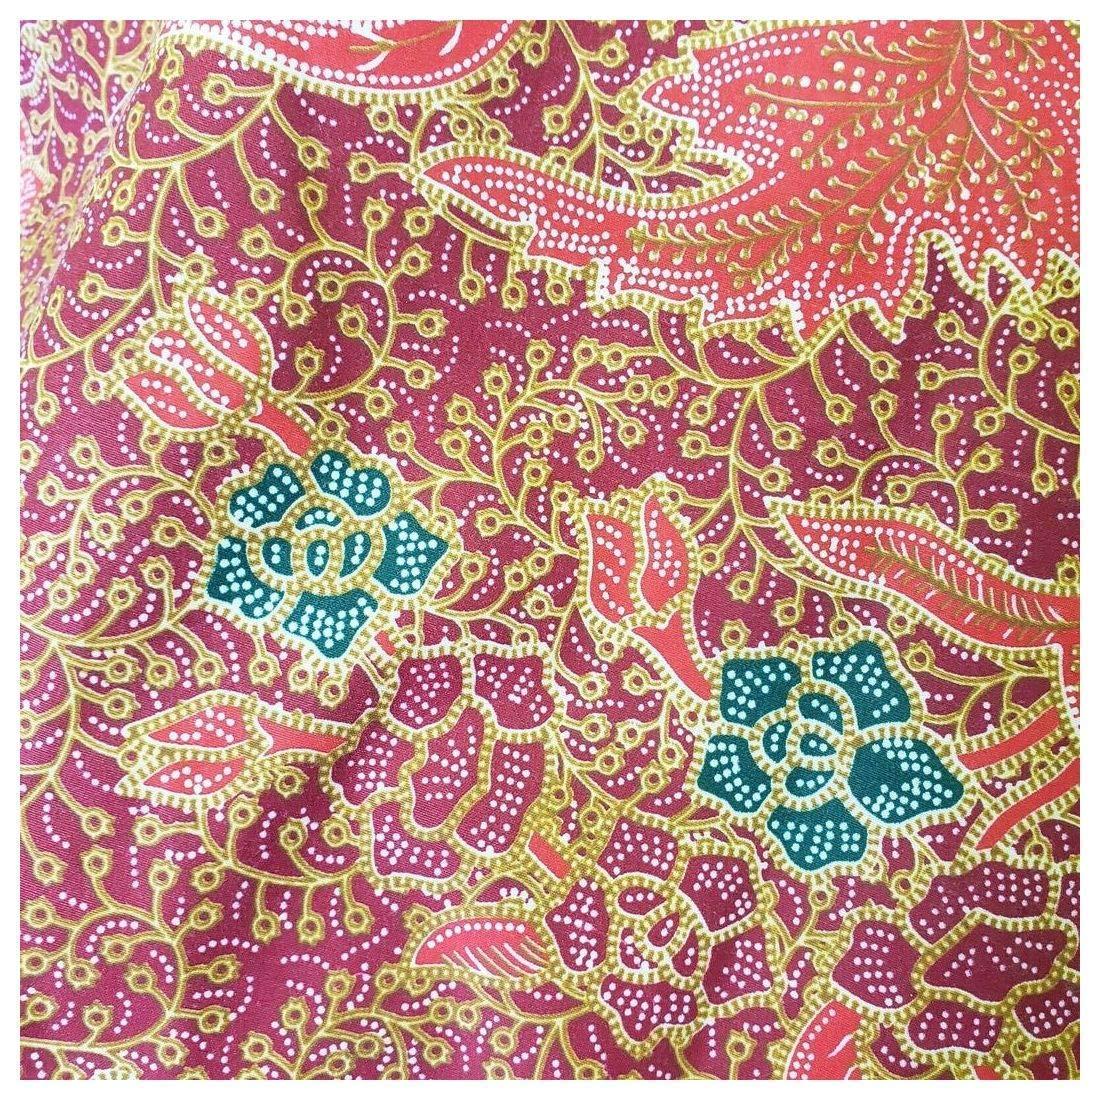 Amazon.com Fabric Kain Batik Sarung Malaysia/Indonesia Quilting ...